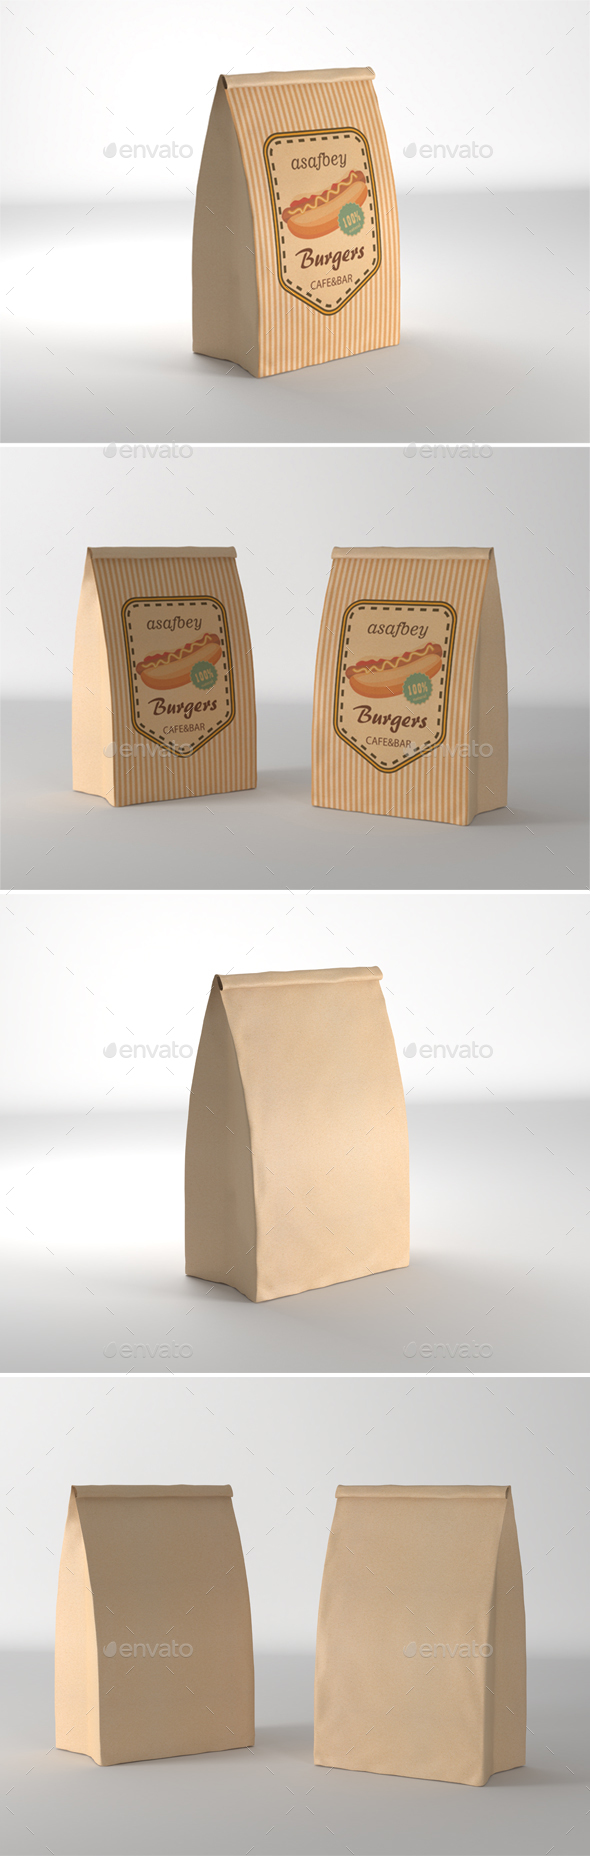 Craft Bag Mockup - Product Mock-Ups Graphics